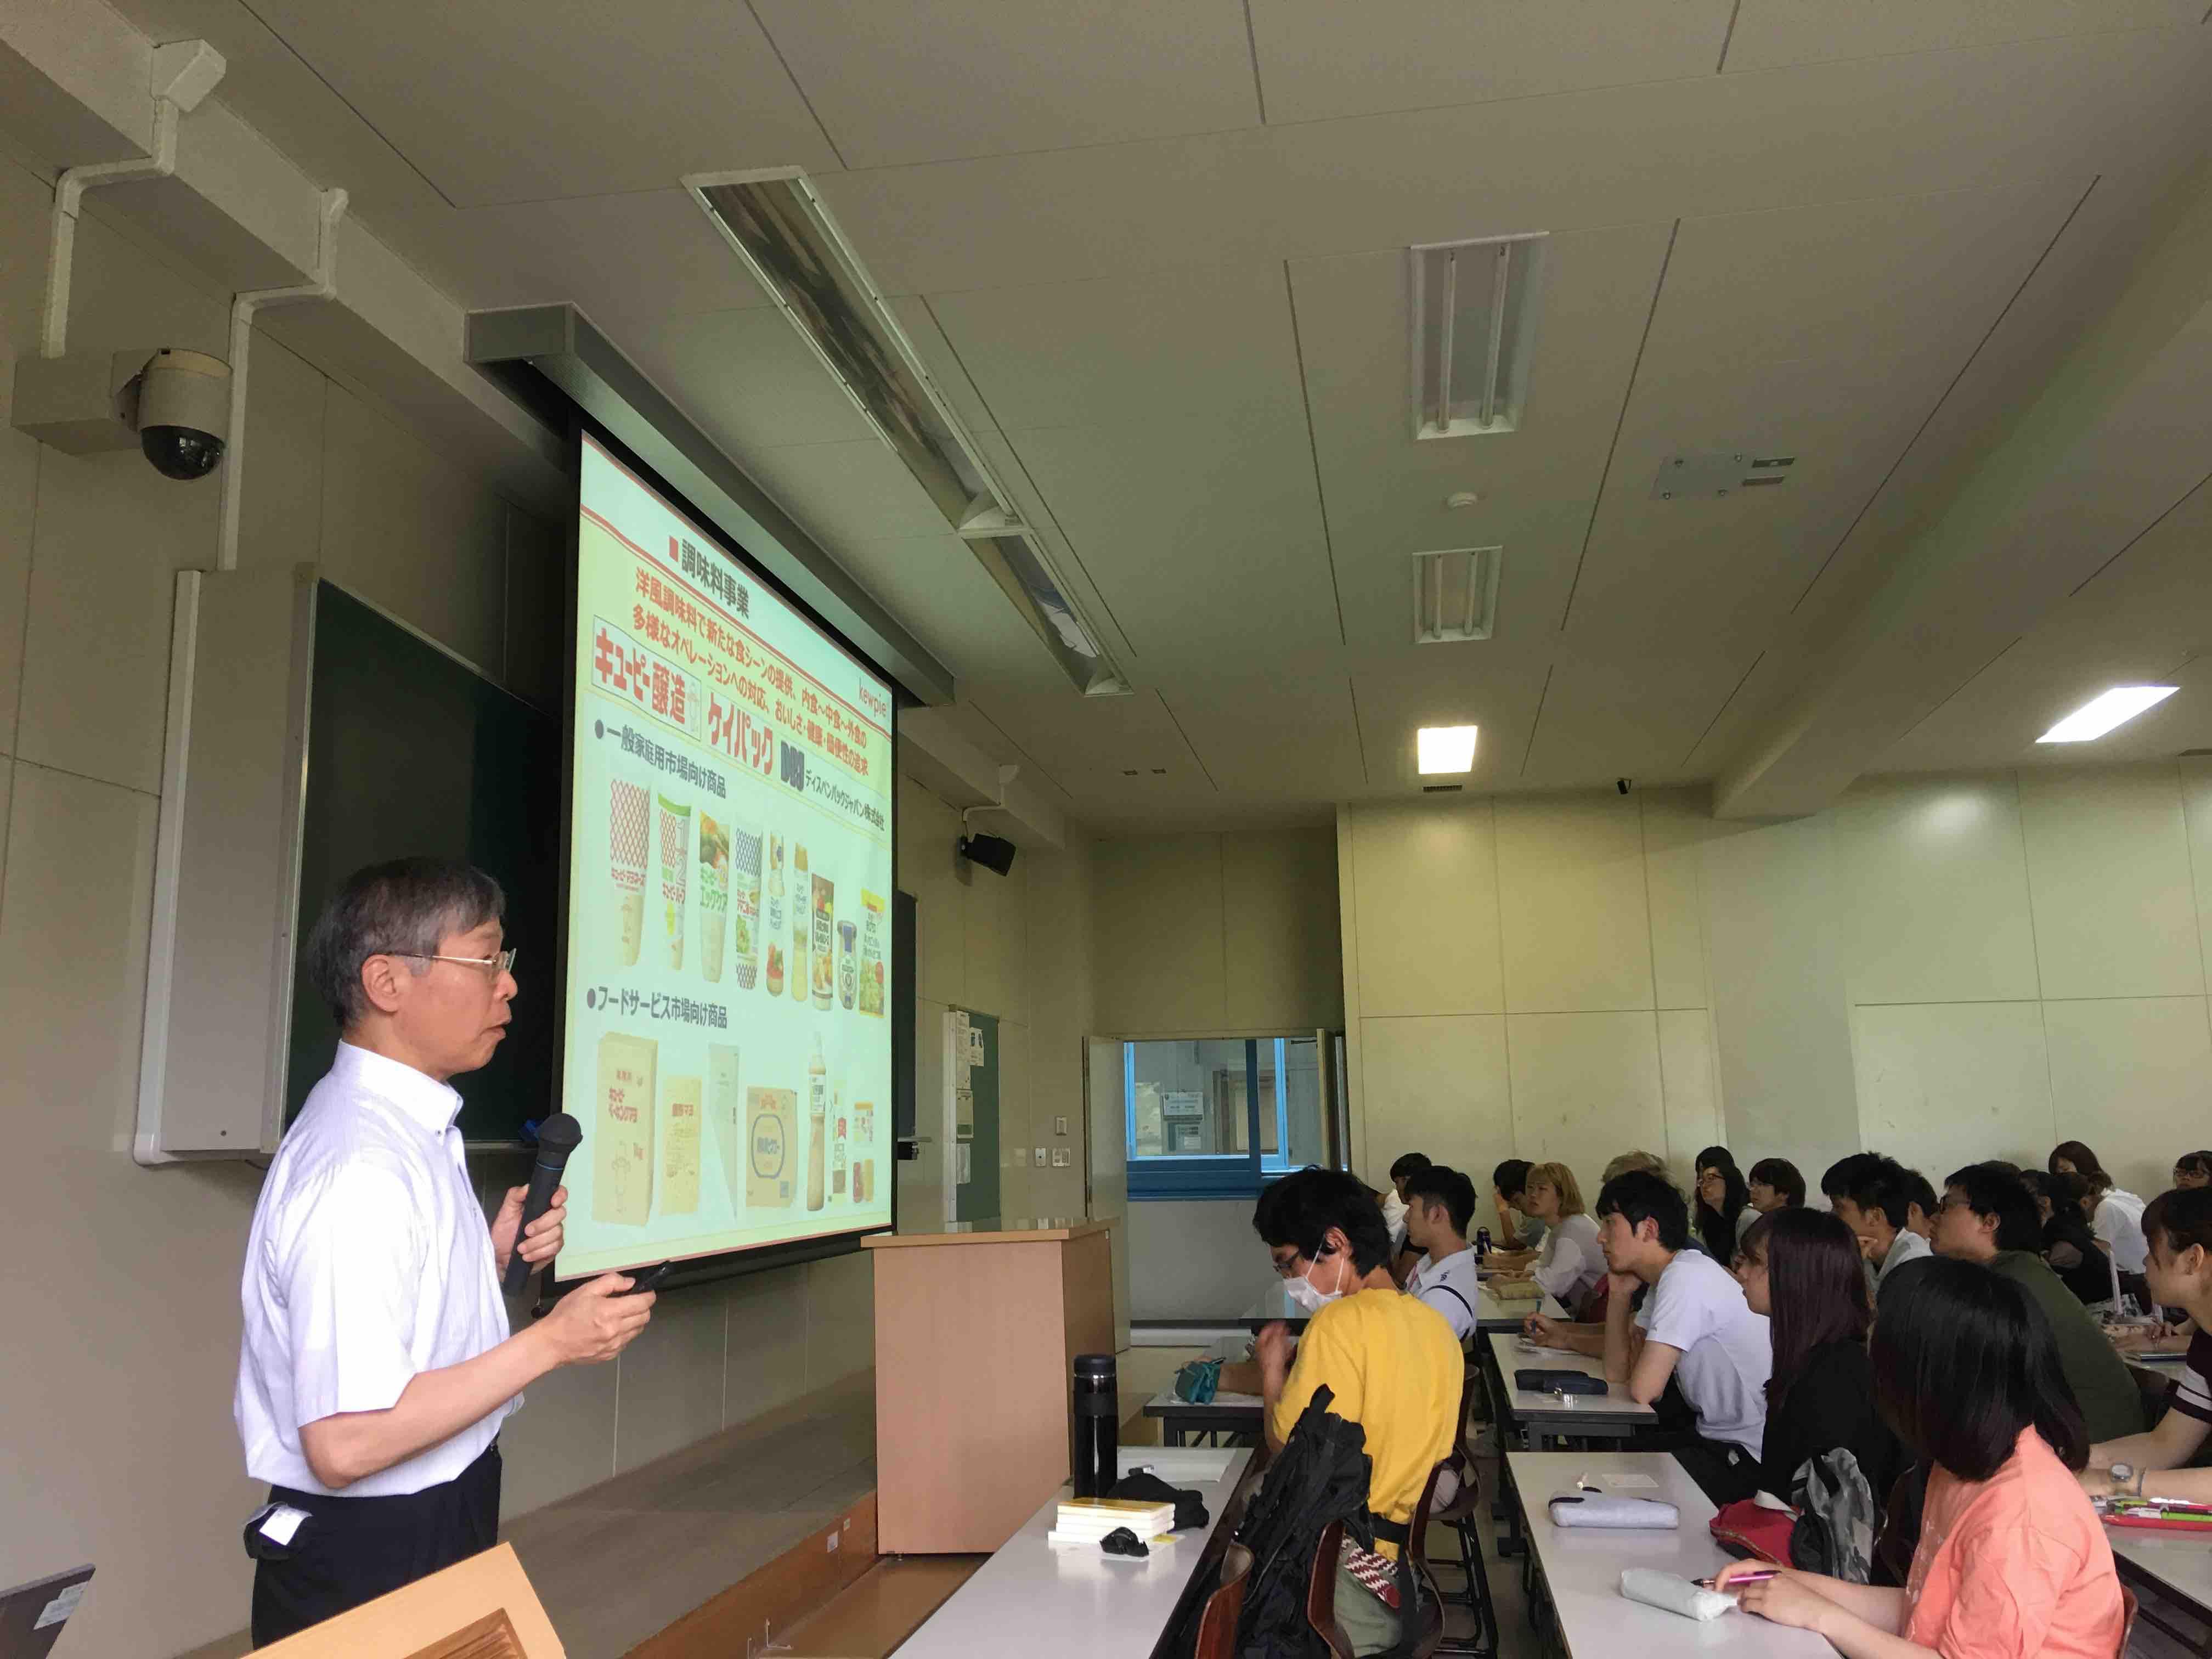 キユーピーグループの会社概要と研究開発マネジメント